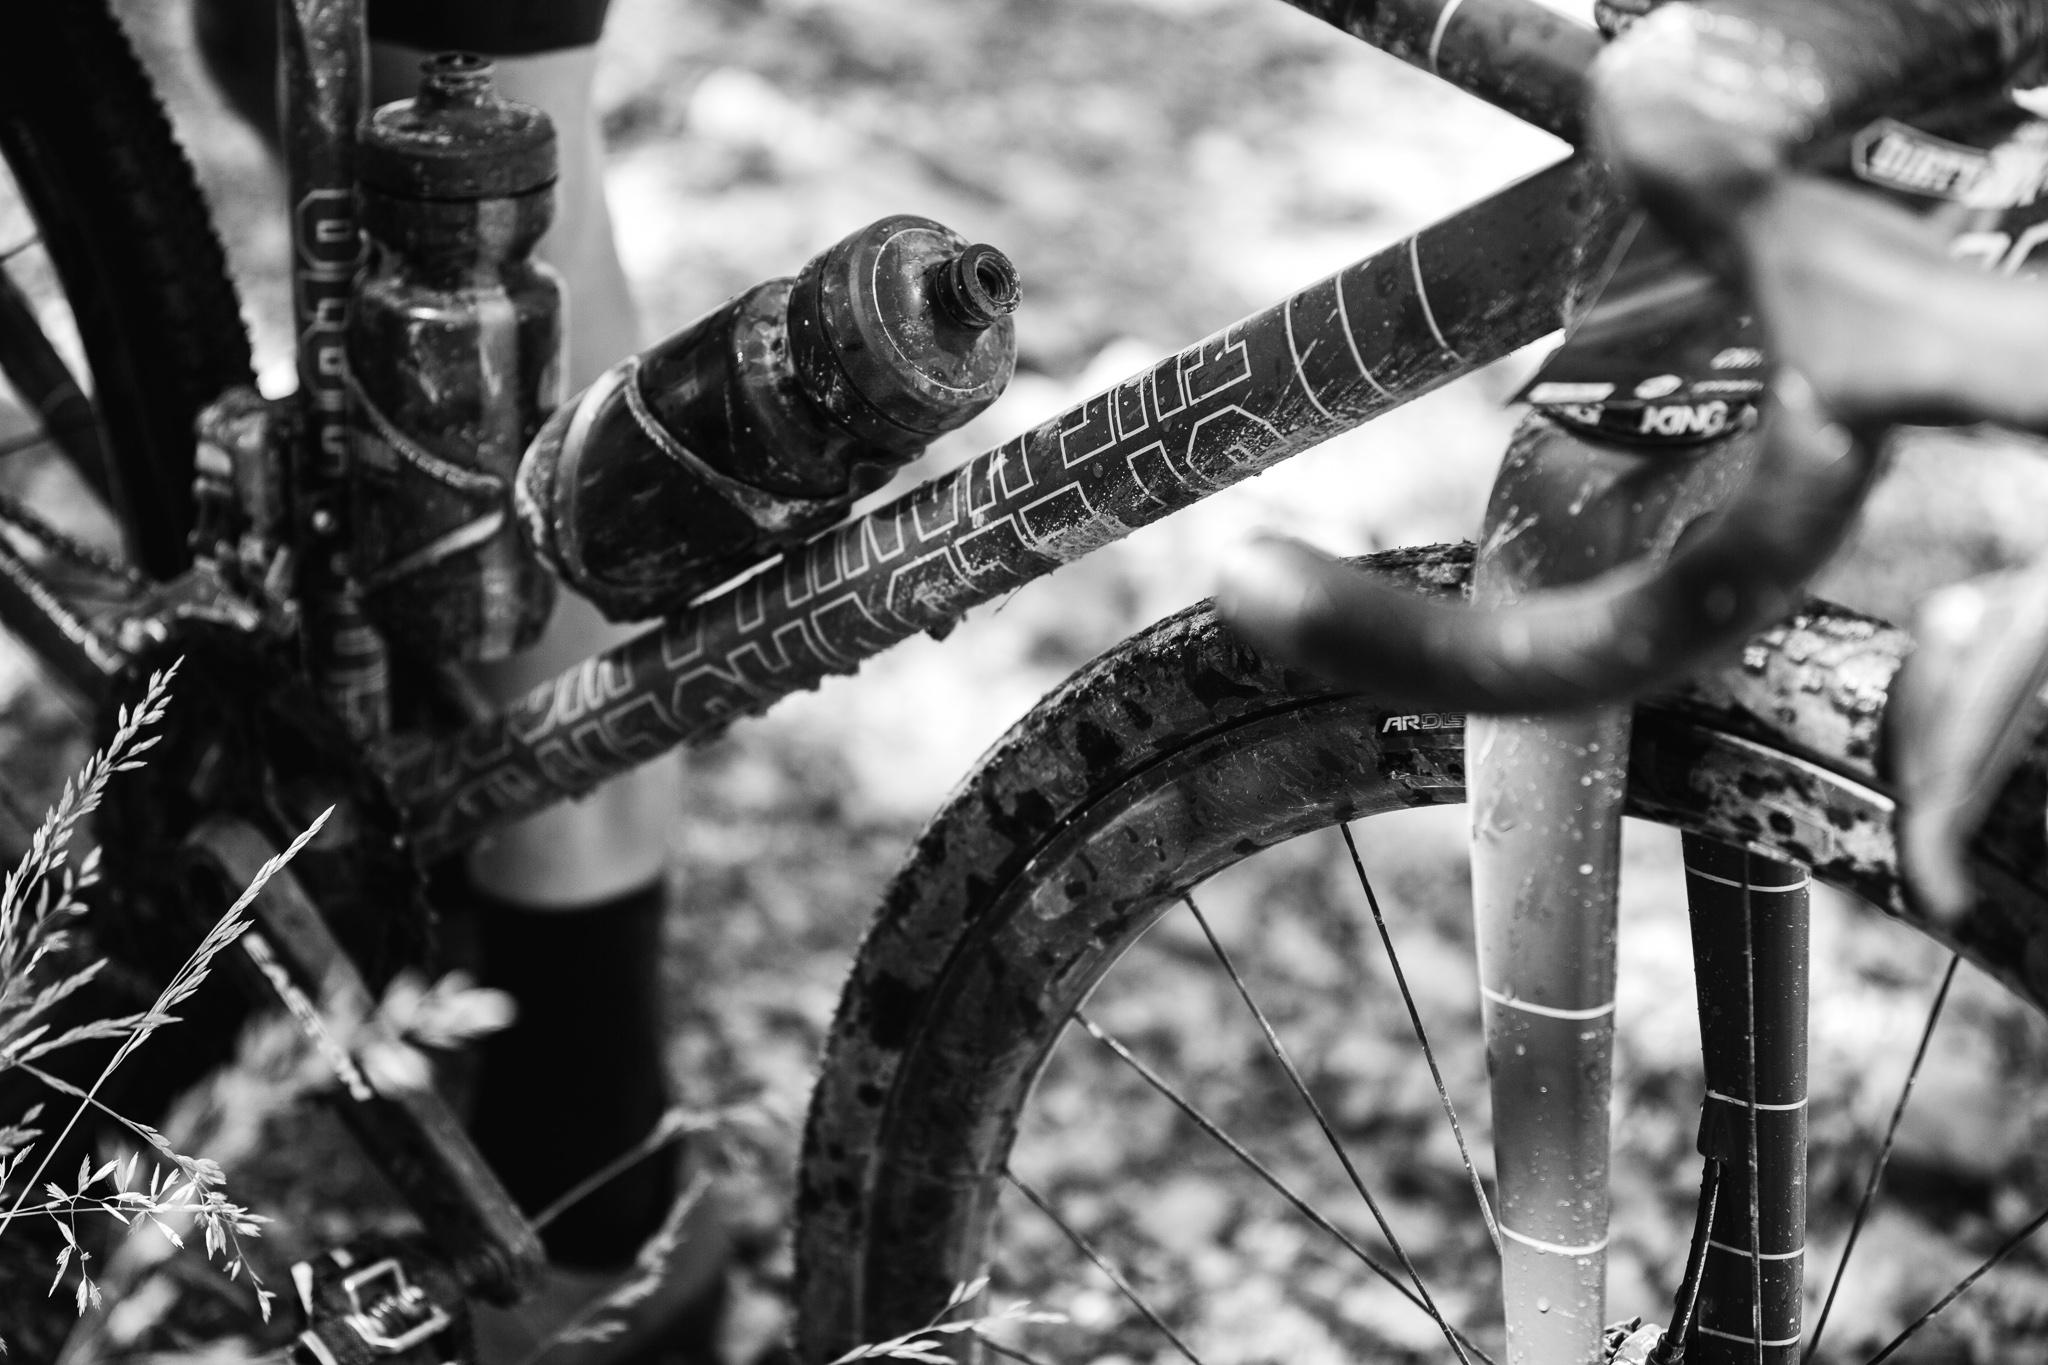 2019-06-01 Speedvagen Dirty Kanza Photo Essay-14.jpg